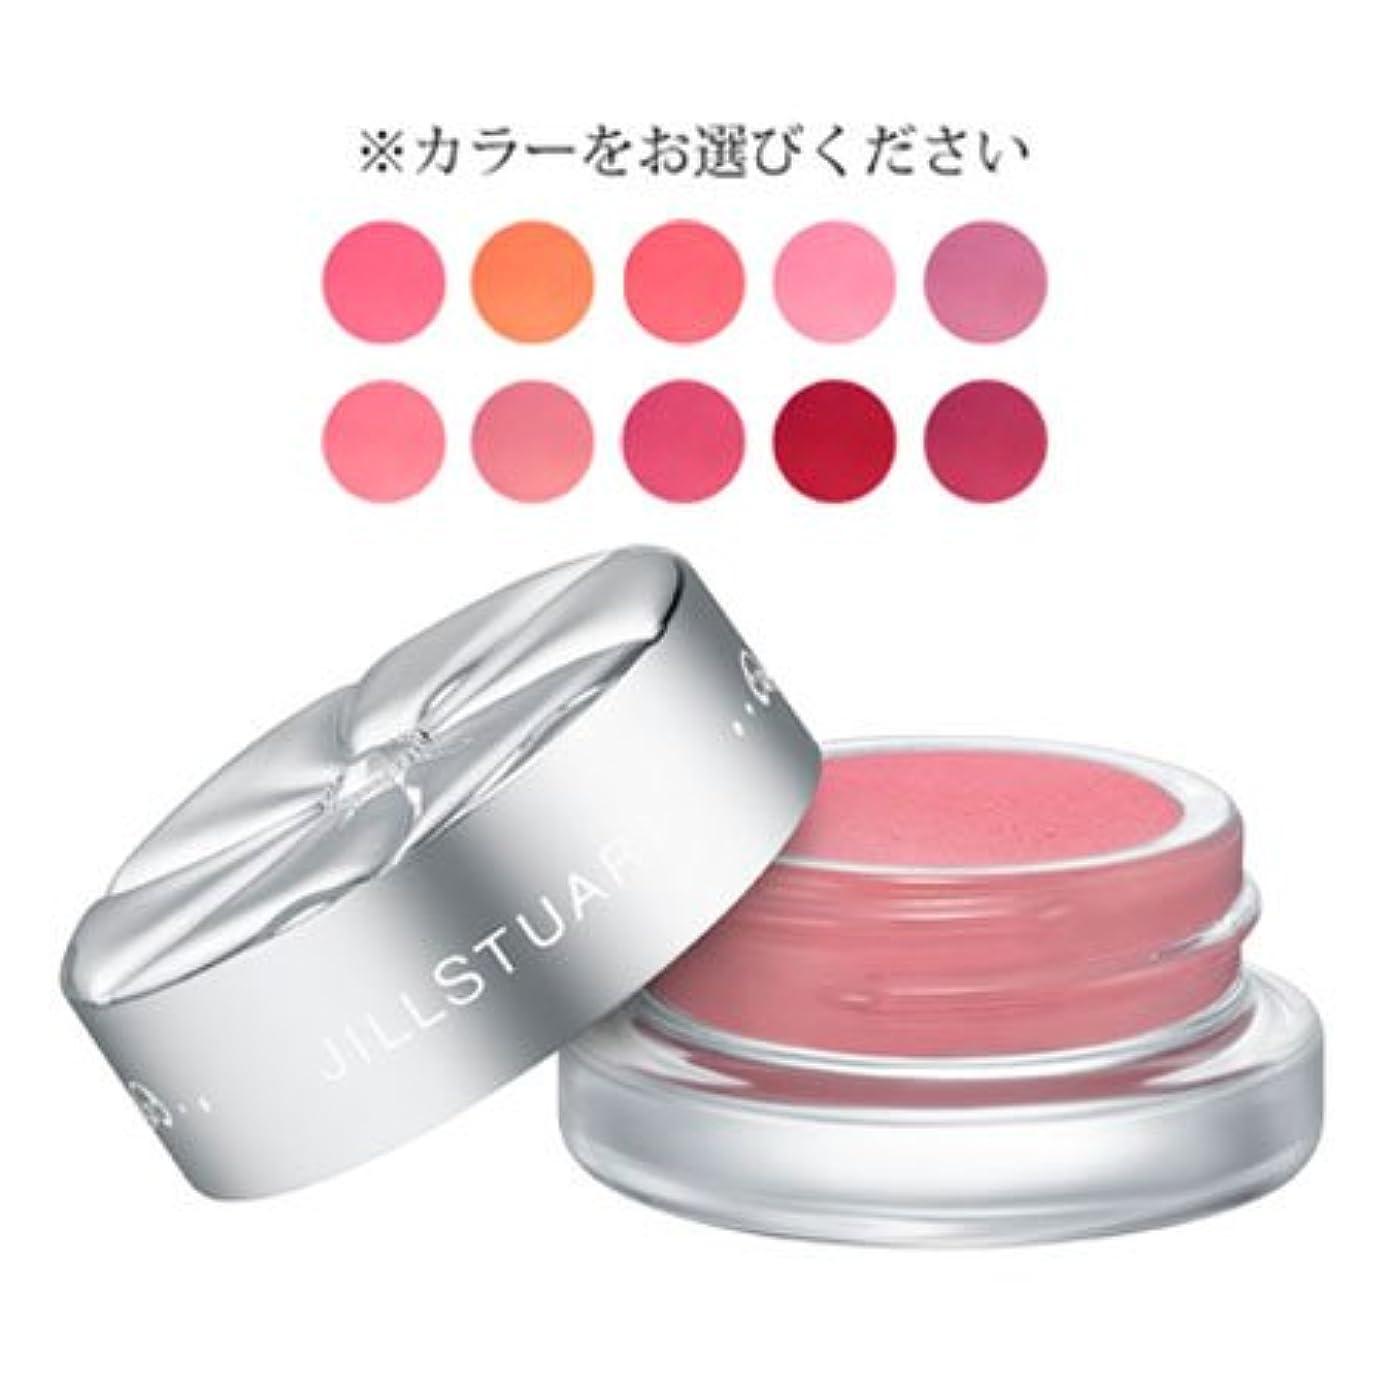 ブリード銀コンサルタントジルスチュアート チーク&アイブロッサム 選べる10色 -JILLSTUART- 01